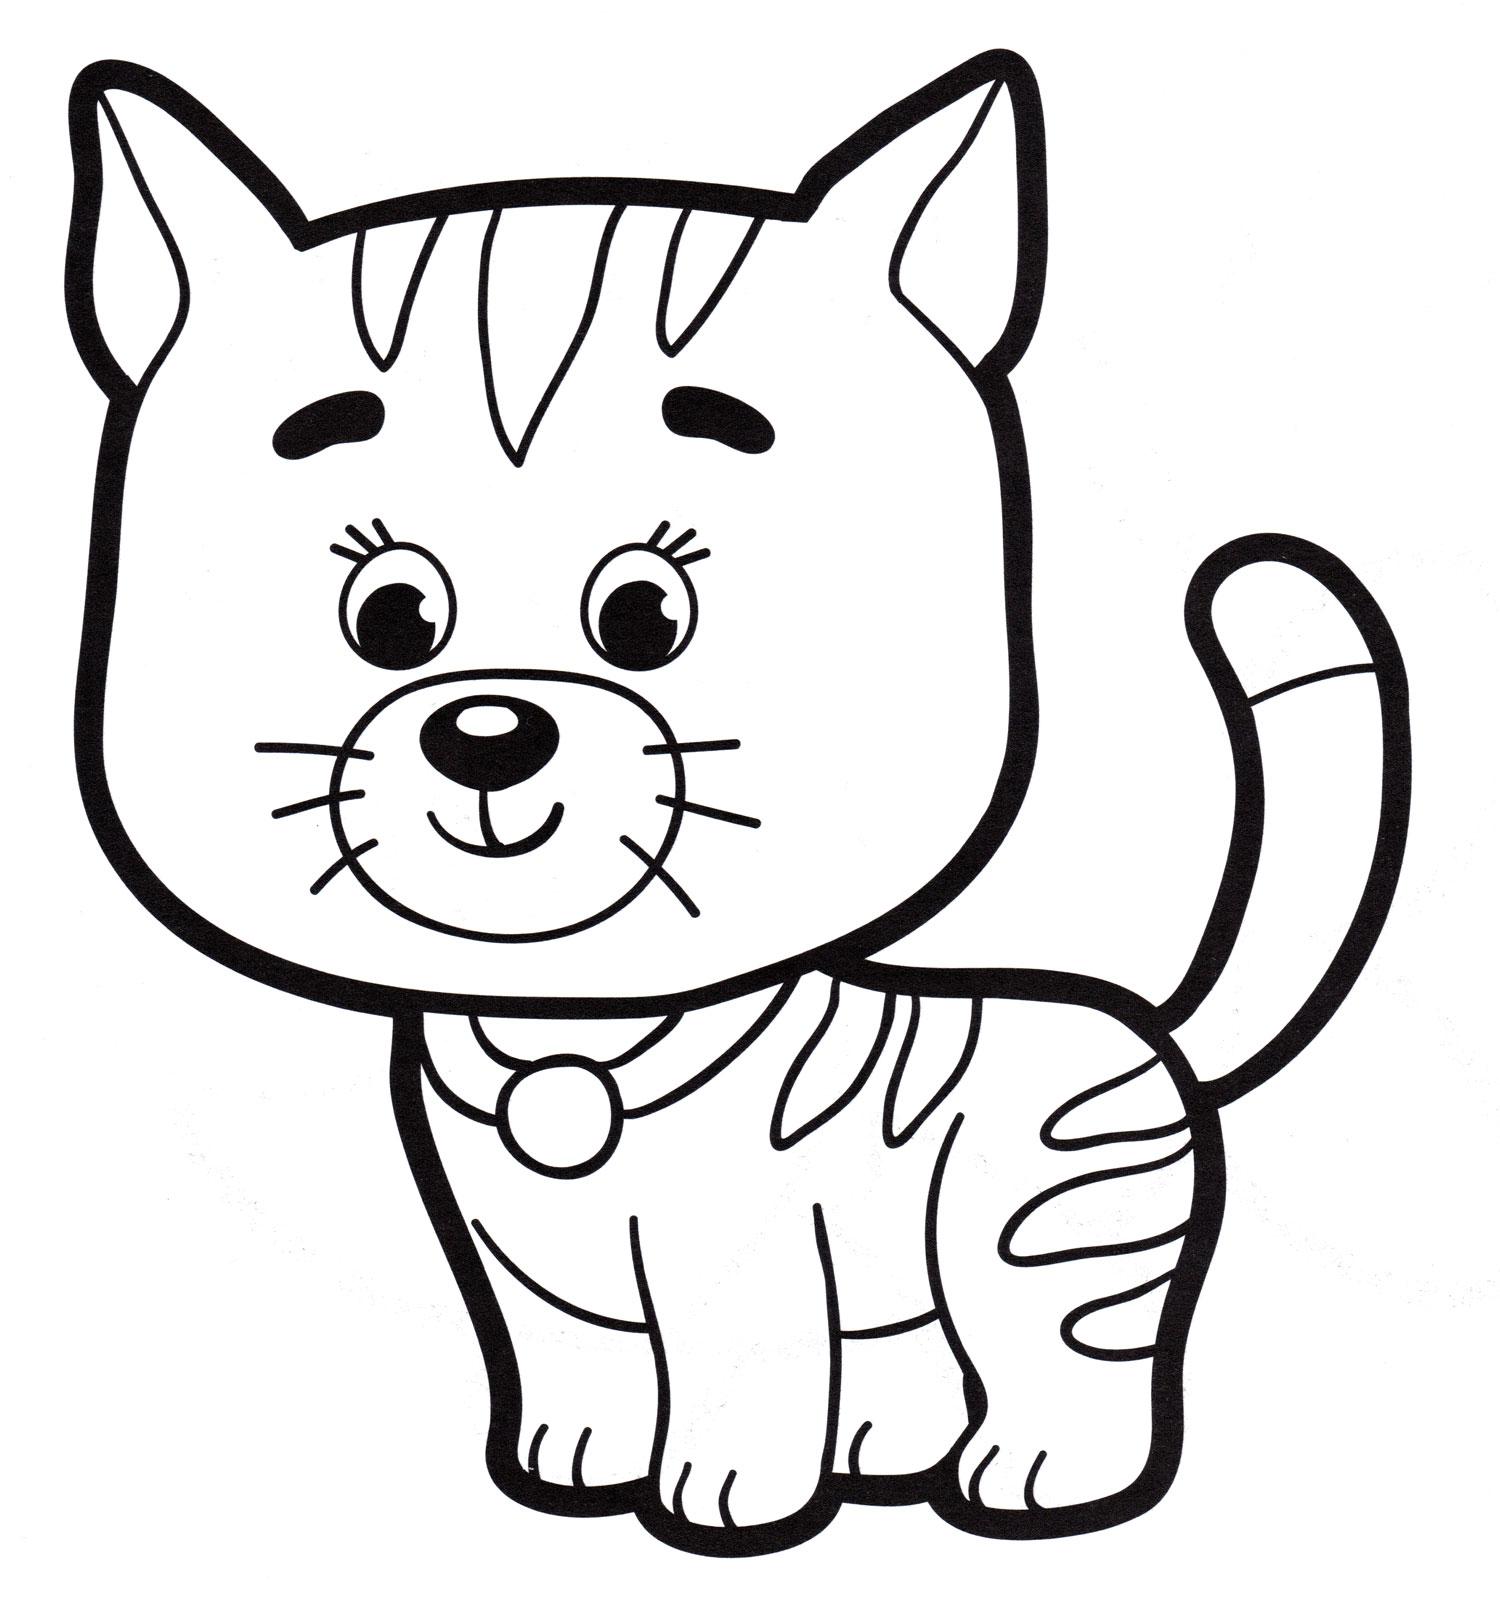 Раскраска Полосатый кот - распечатать бесплатно